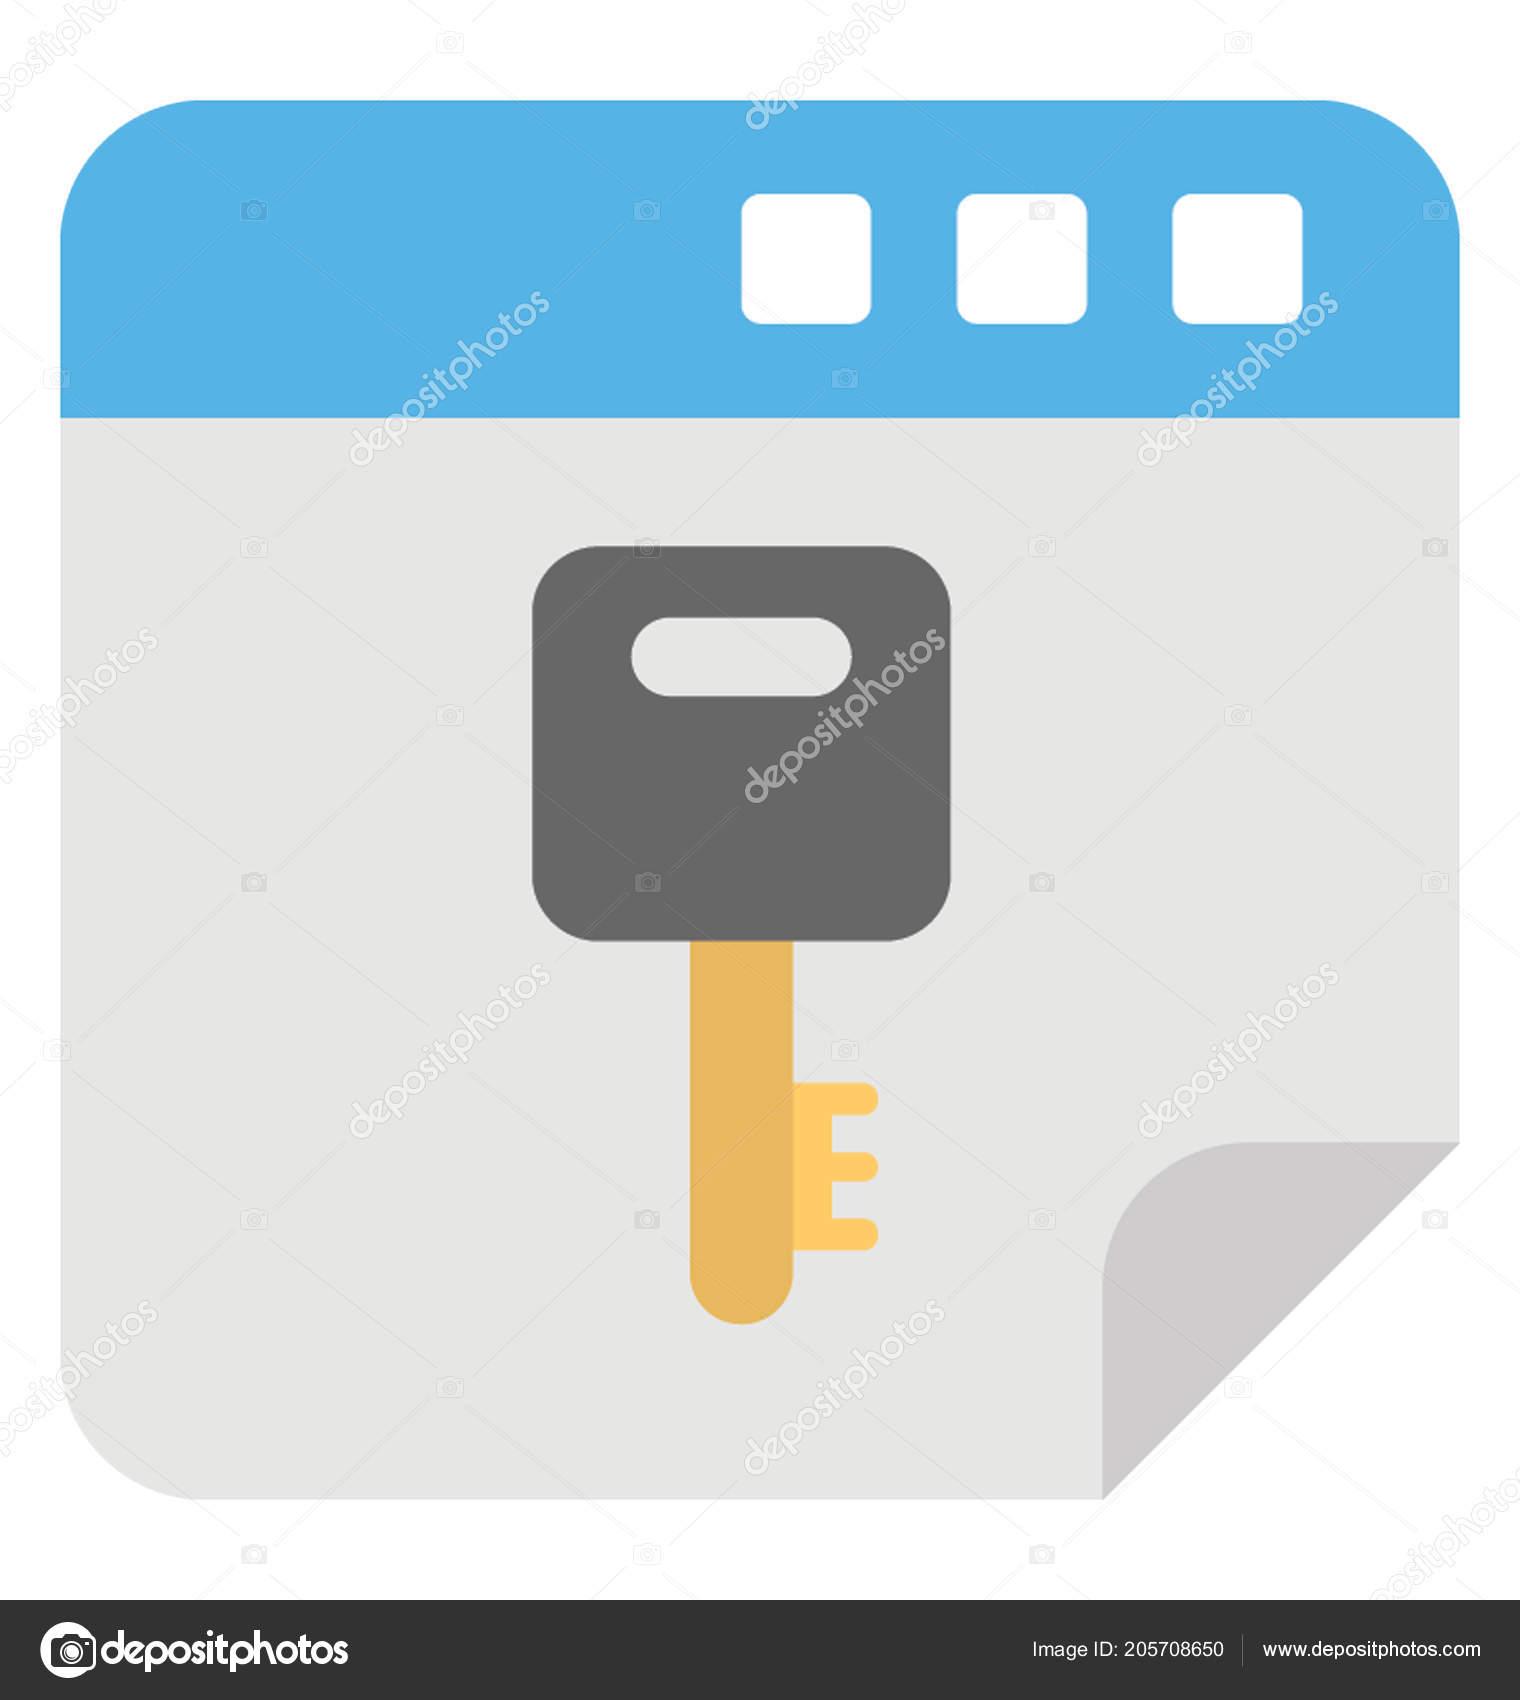 Design Sólido Ícone Uma Chave Site Conceito Otimização Palavras